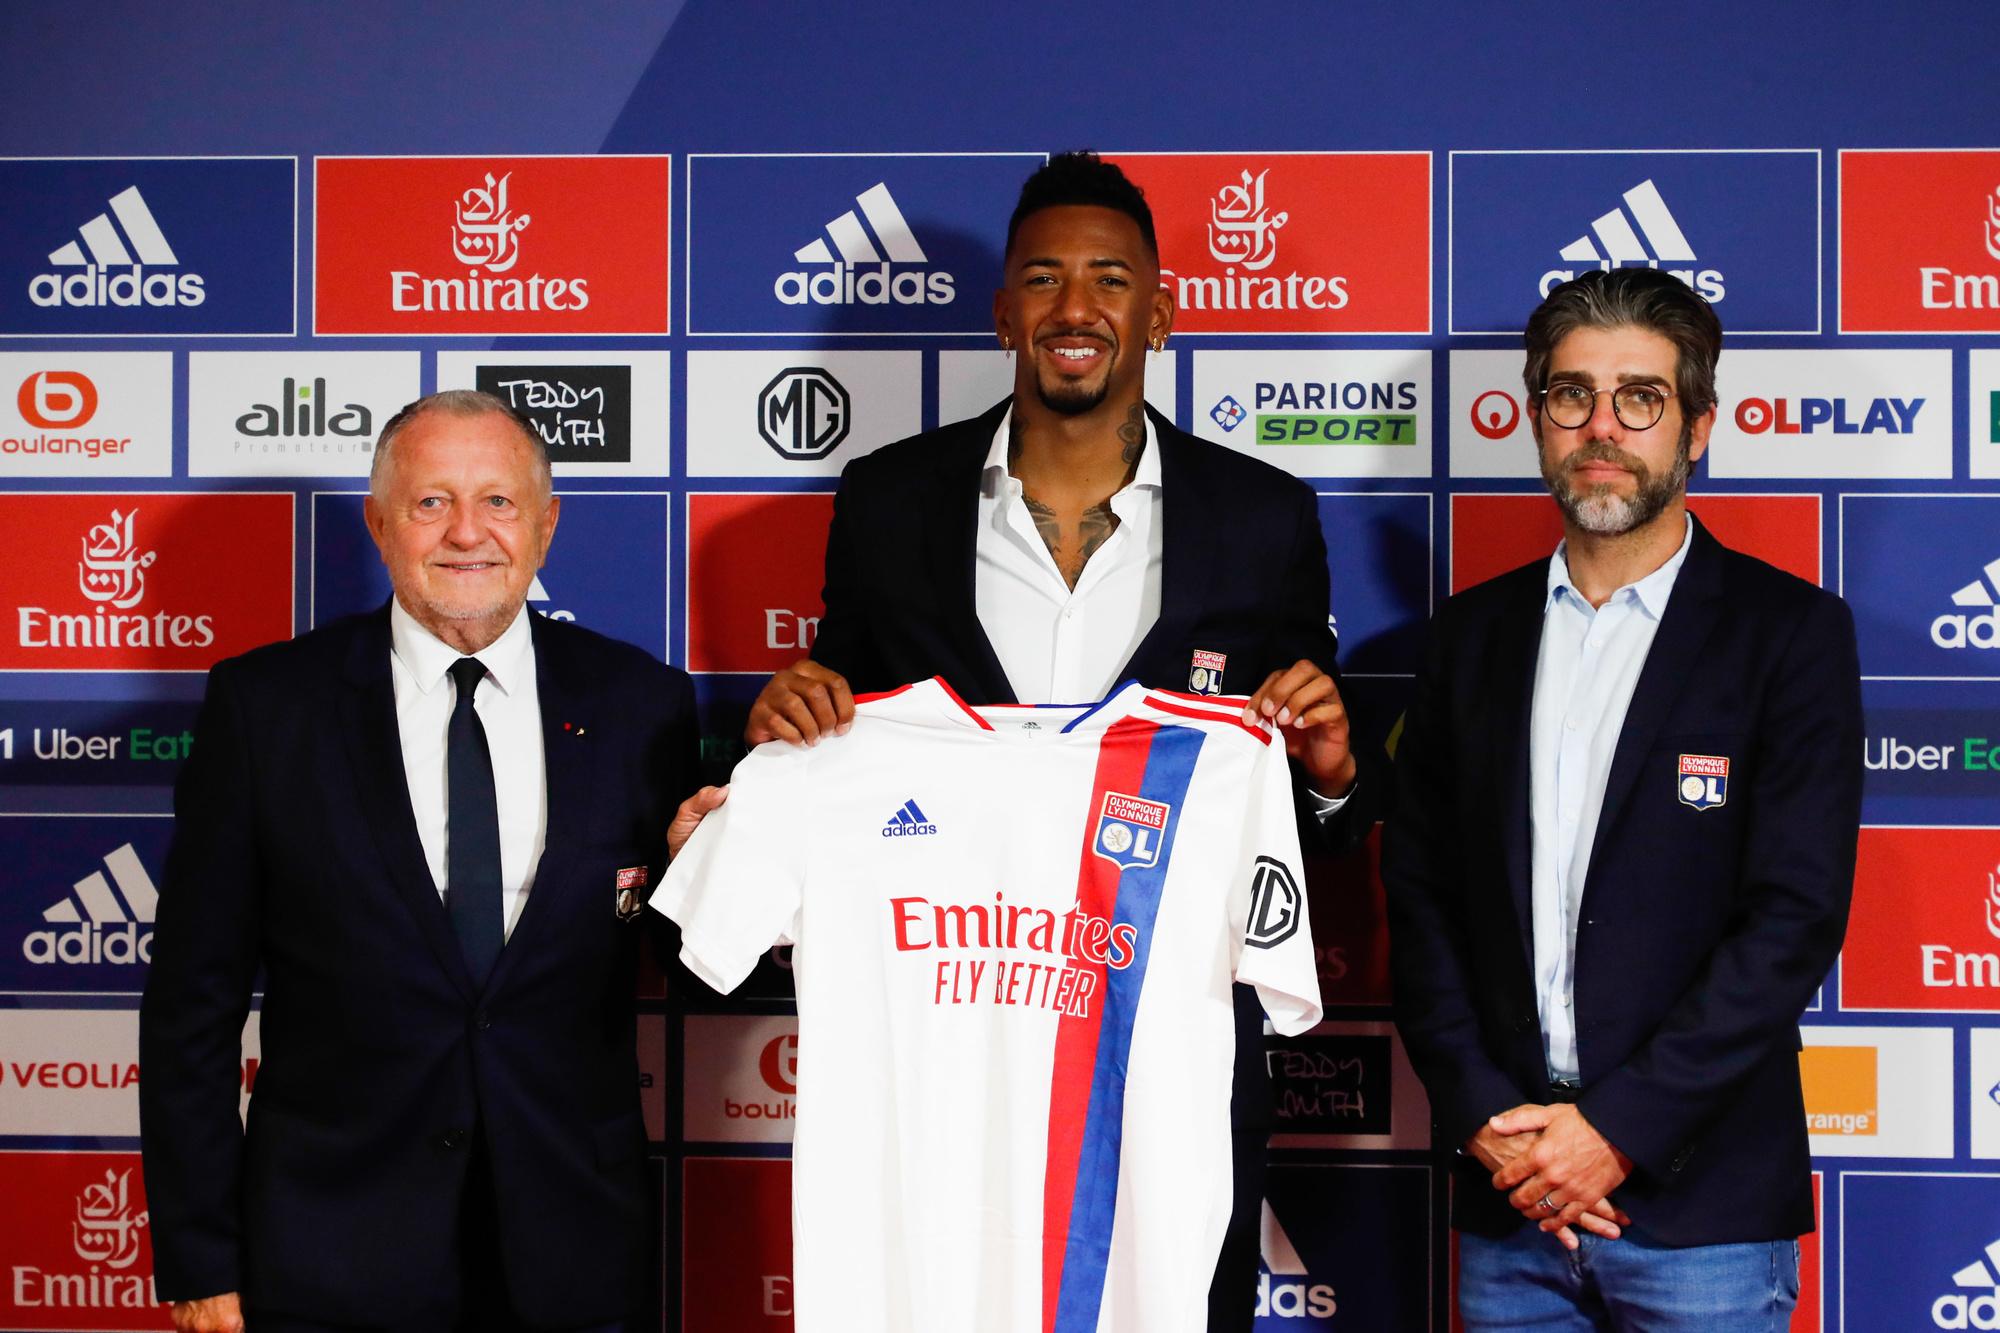 A-t-on prévenu Jérôme Boateng que le Lyon actuel ne dominait plus la Ligue 1 comme jadis du temps de l'homme à droite (Juninho) ?, belga